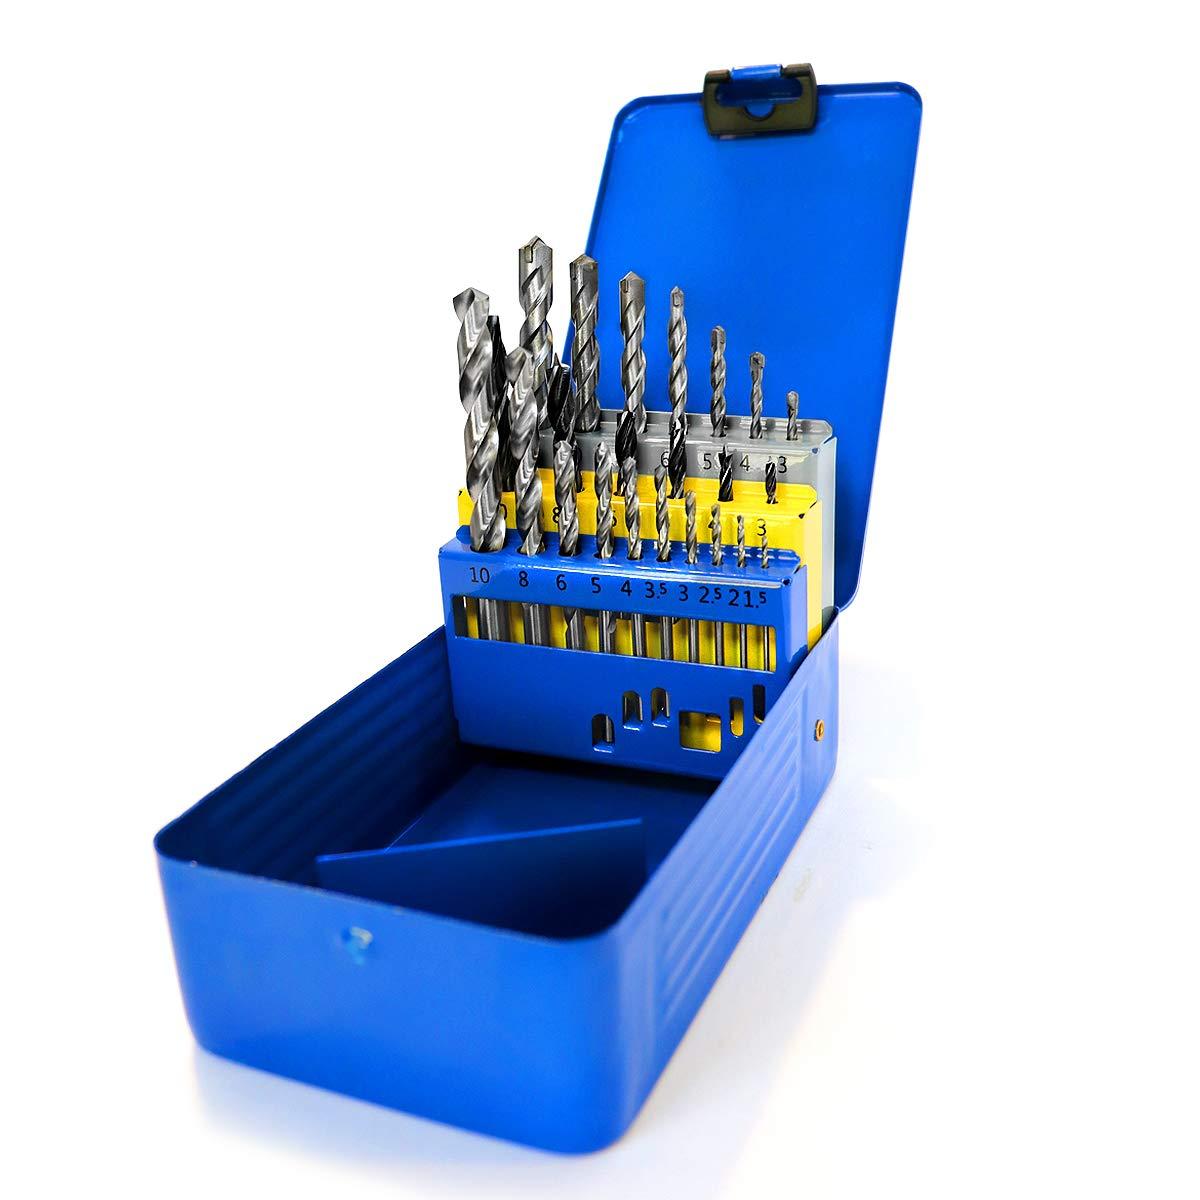 S&R Metal Concrete Drill Bit Set 23 Pcs. Multi-Functional: 10 Metal Drills HSS M2 steel / 7 Concrete Drills / 6 Wood Drills/Bits Set in Metal Box